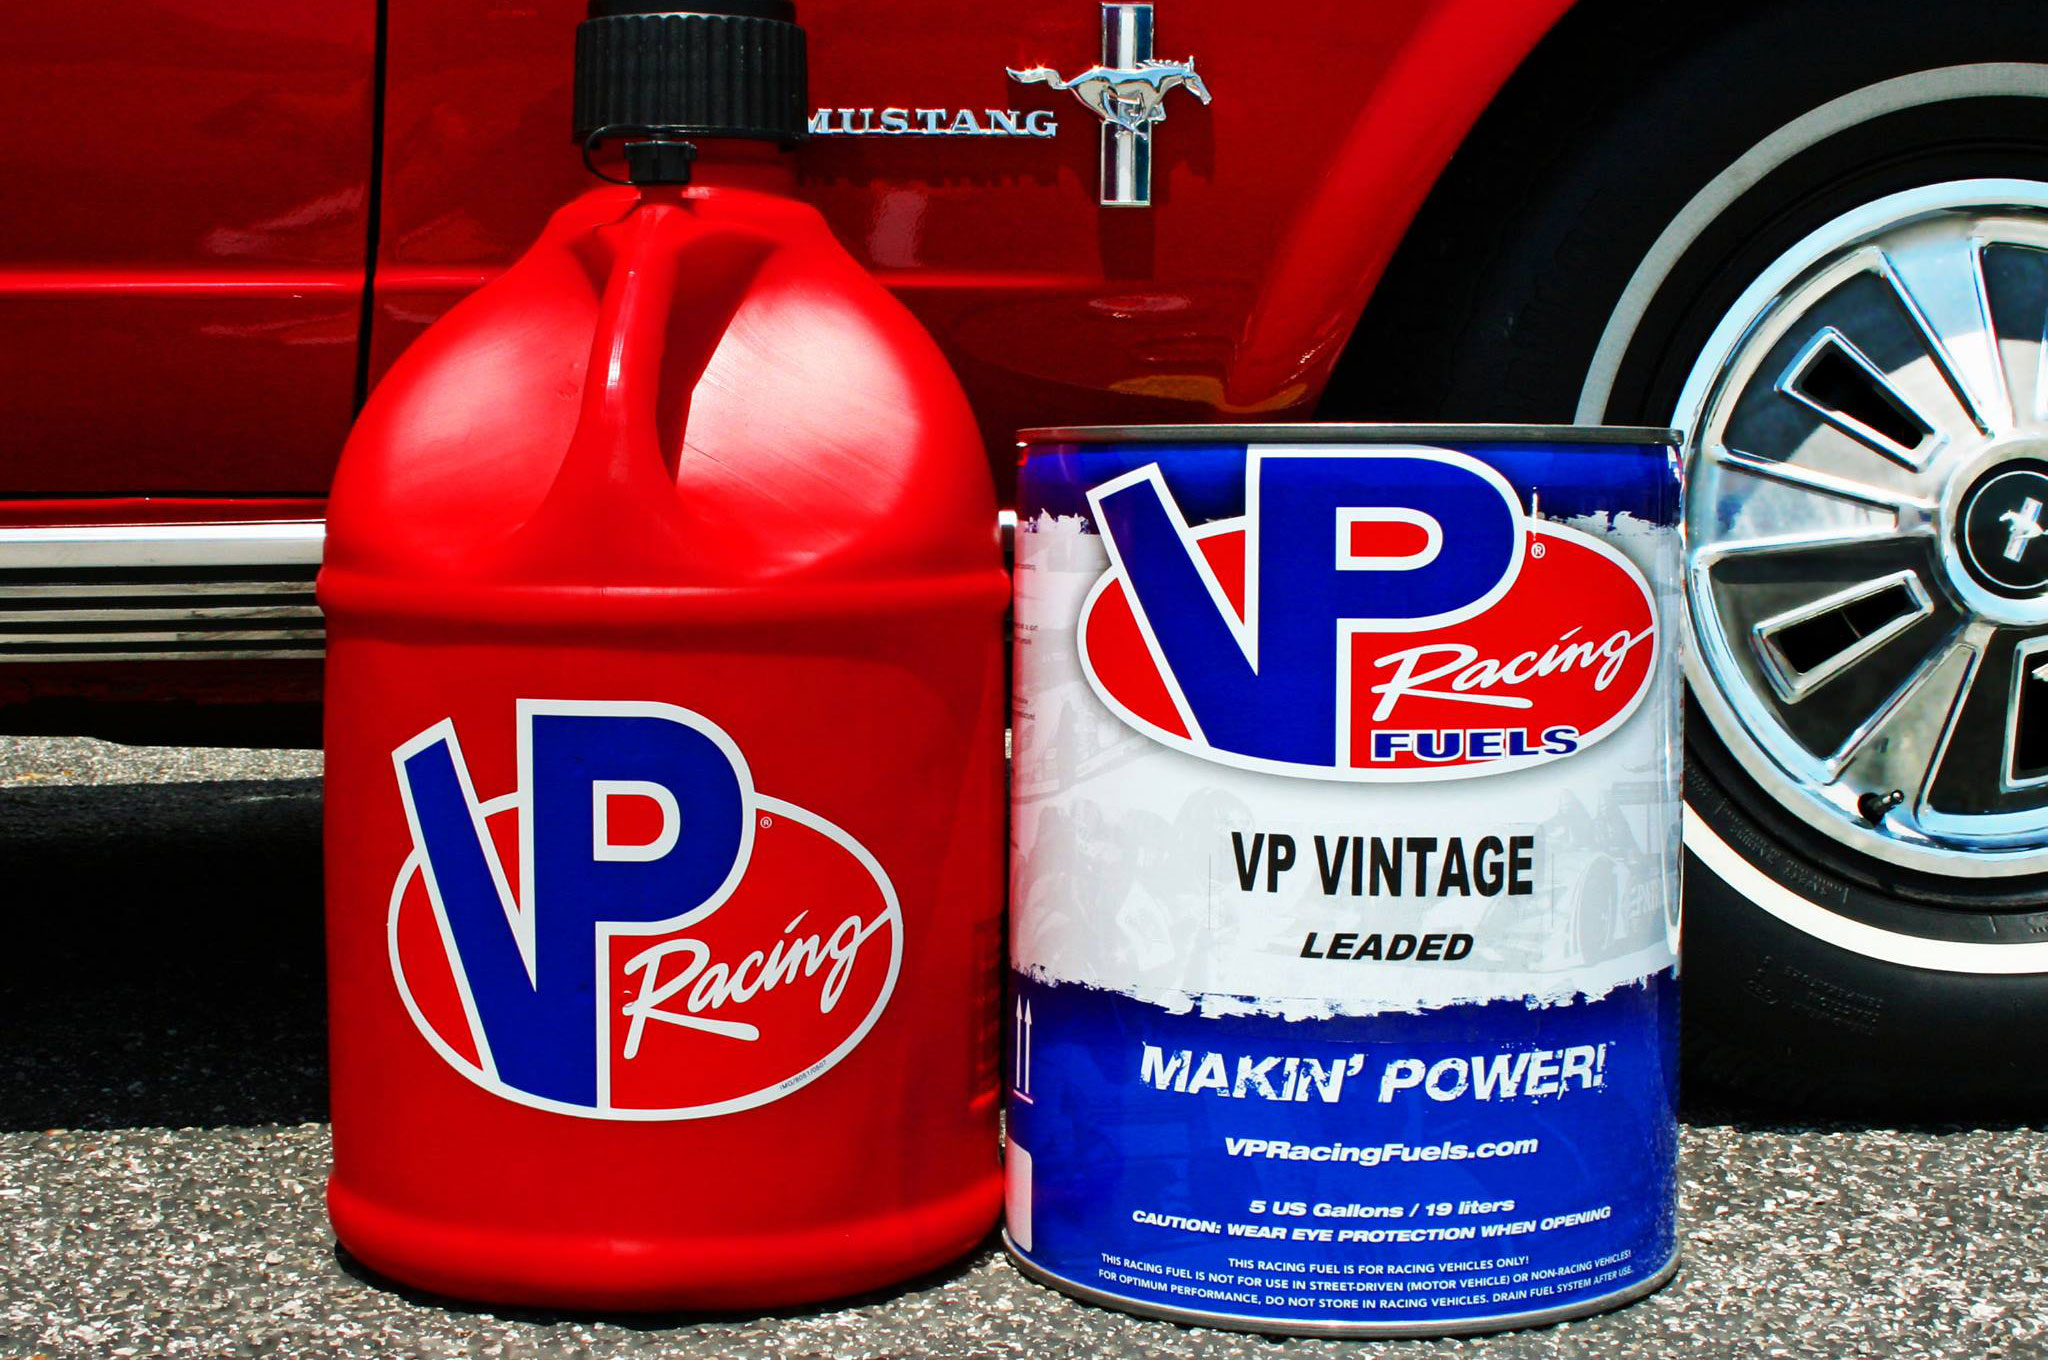 27 Vp Racing Fuels